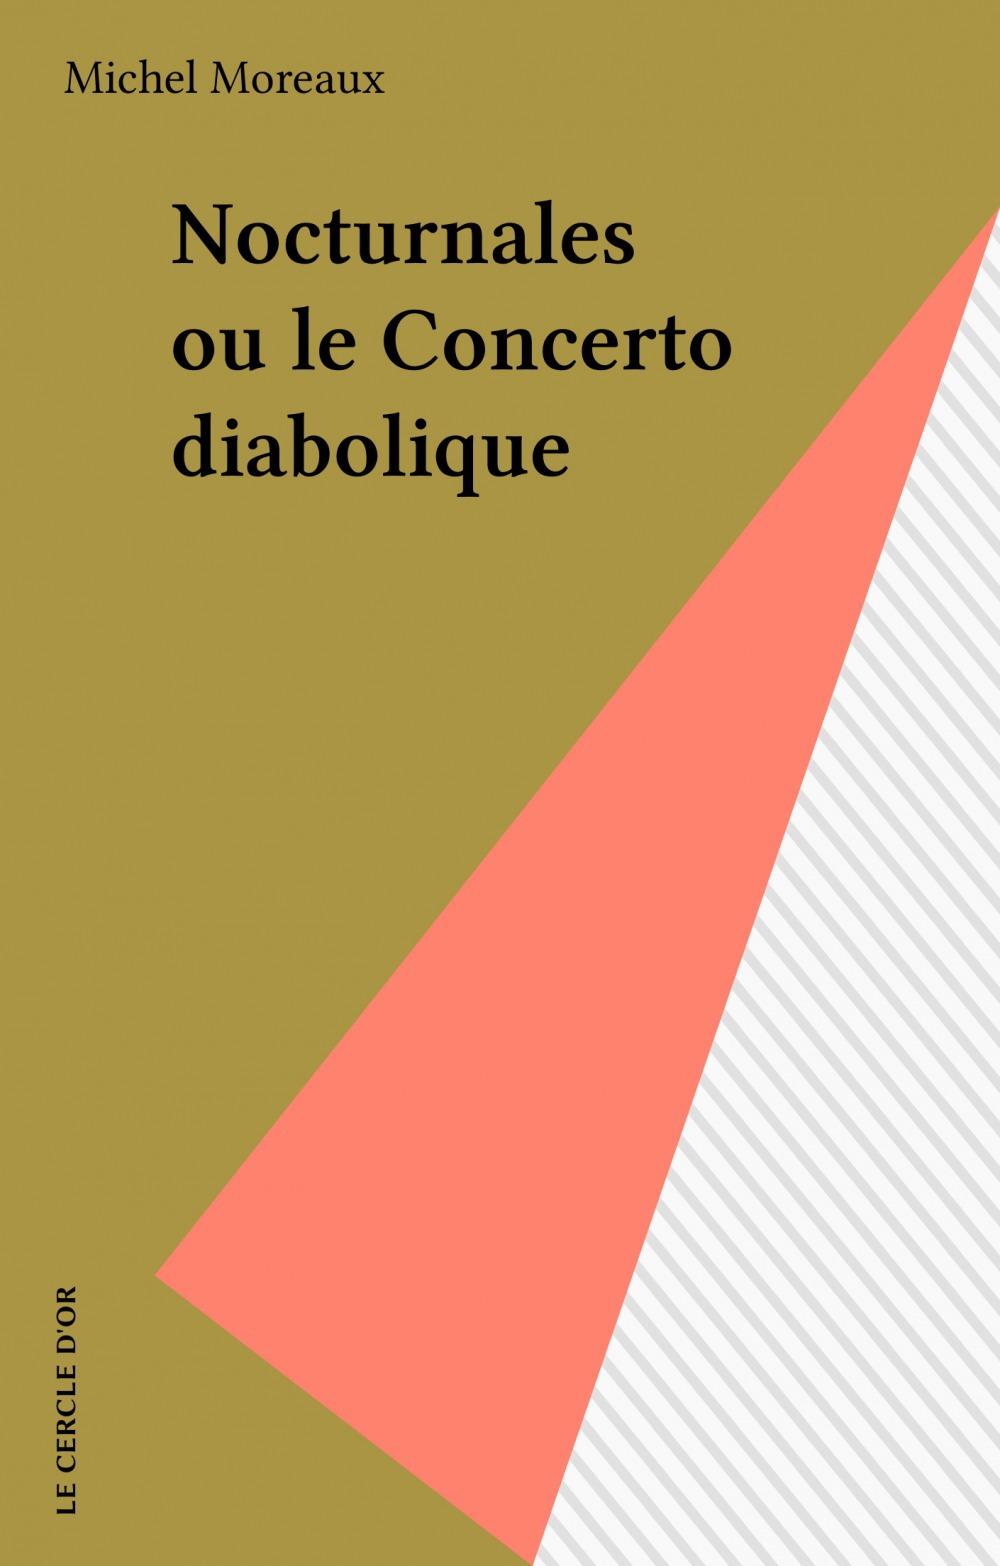 Nocturnales ou le Concerto diabolique